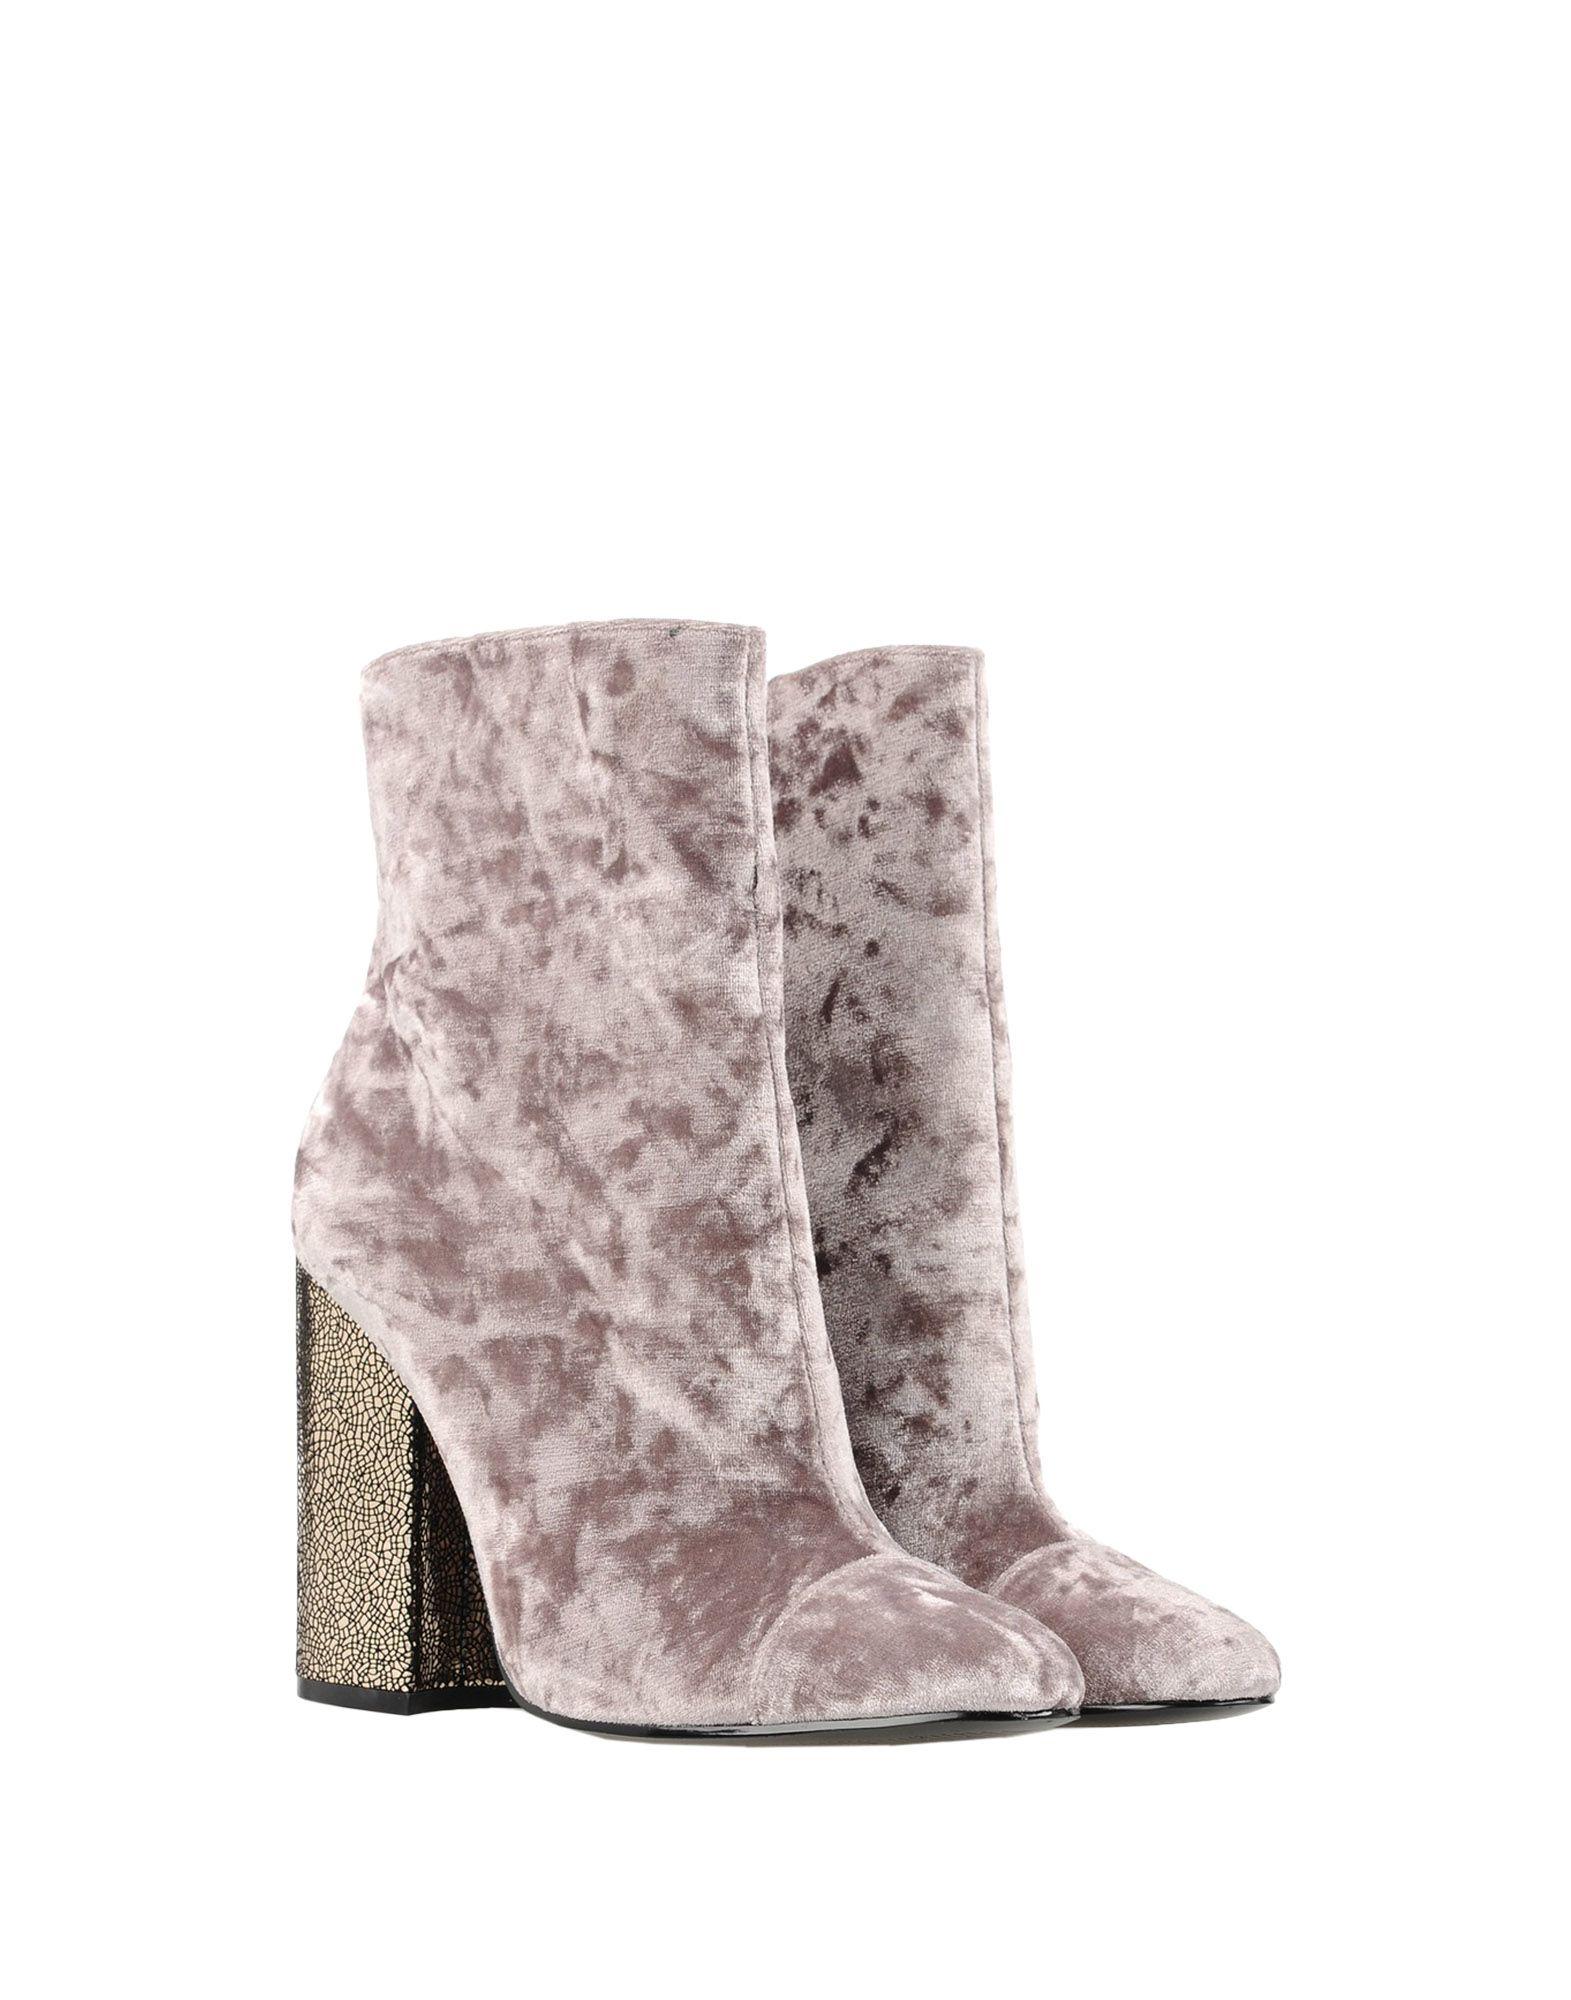 Kendall + Kylie Stiefelette Damen  11324263TSGut aussehende strapazierfähige Schuhe